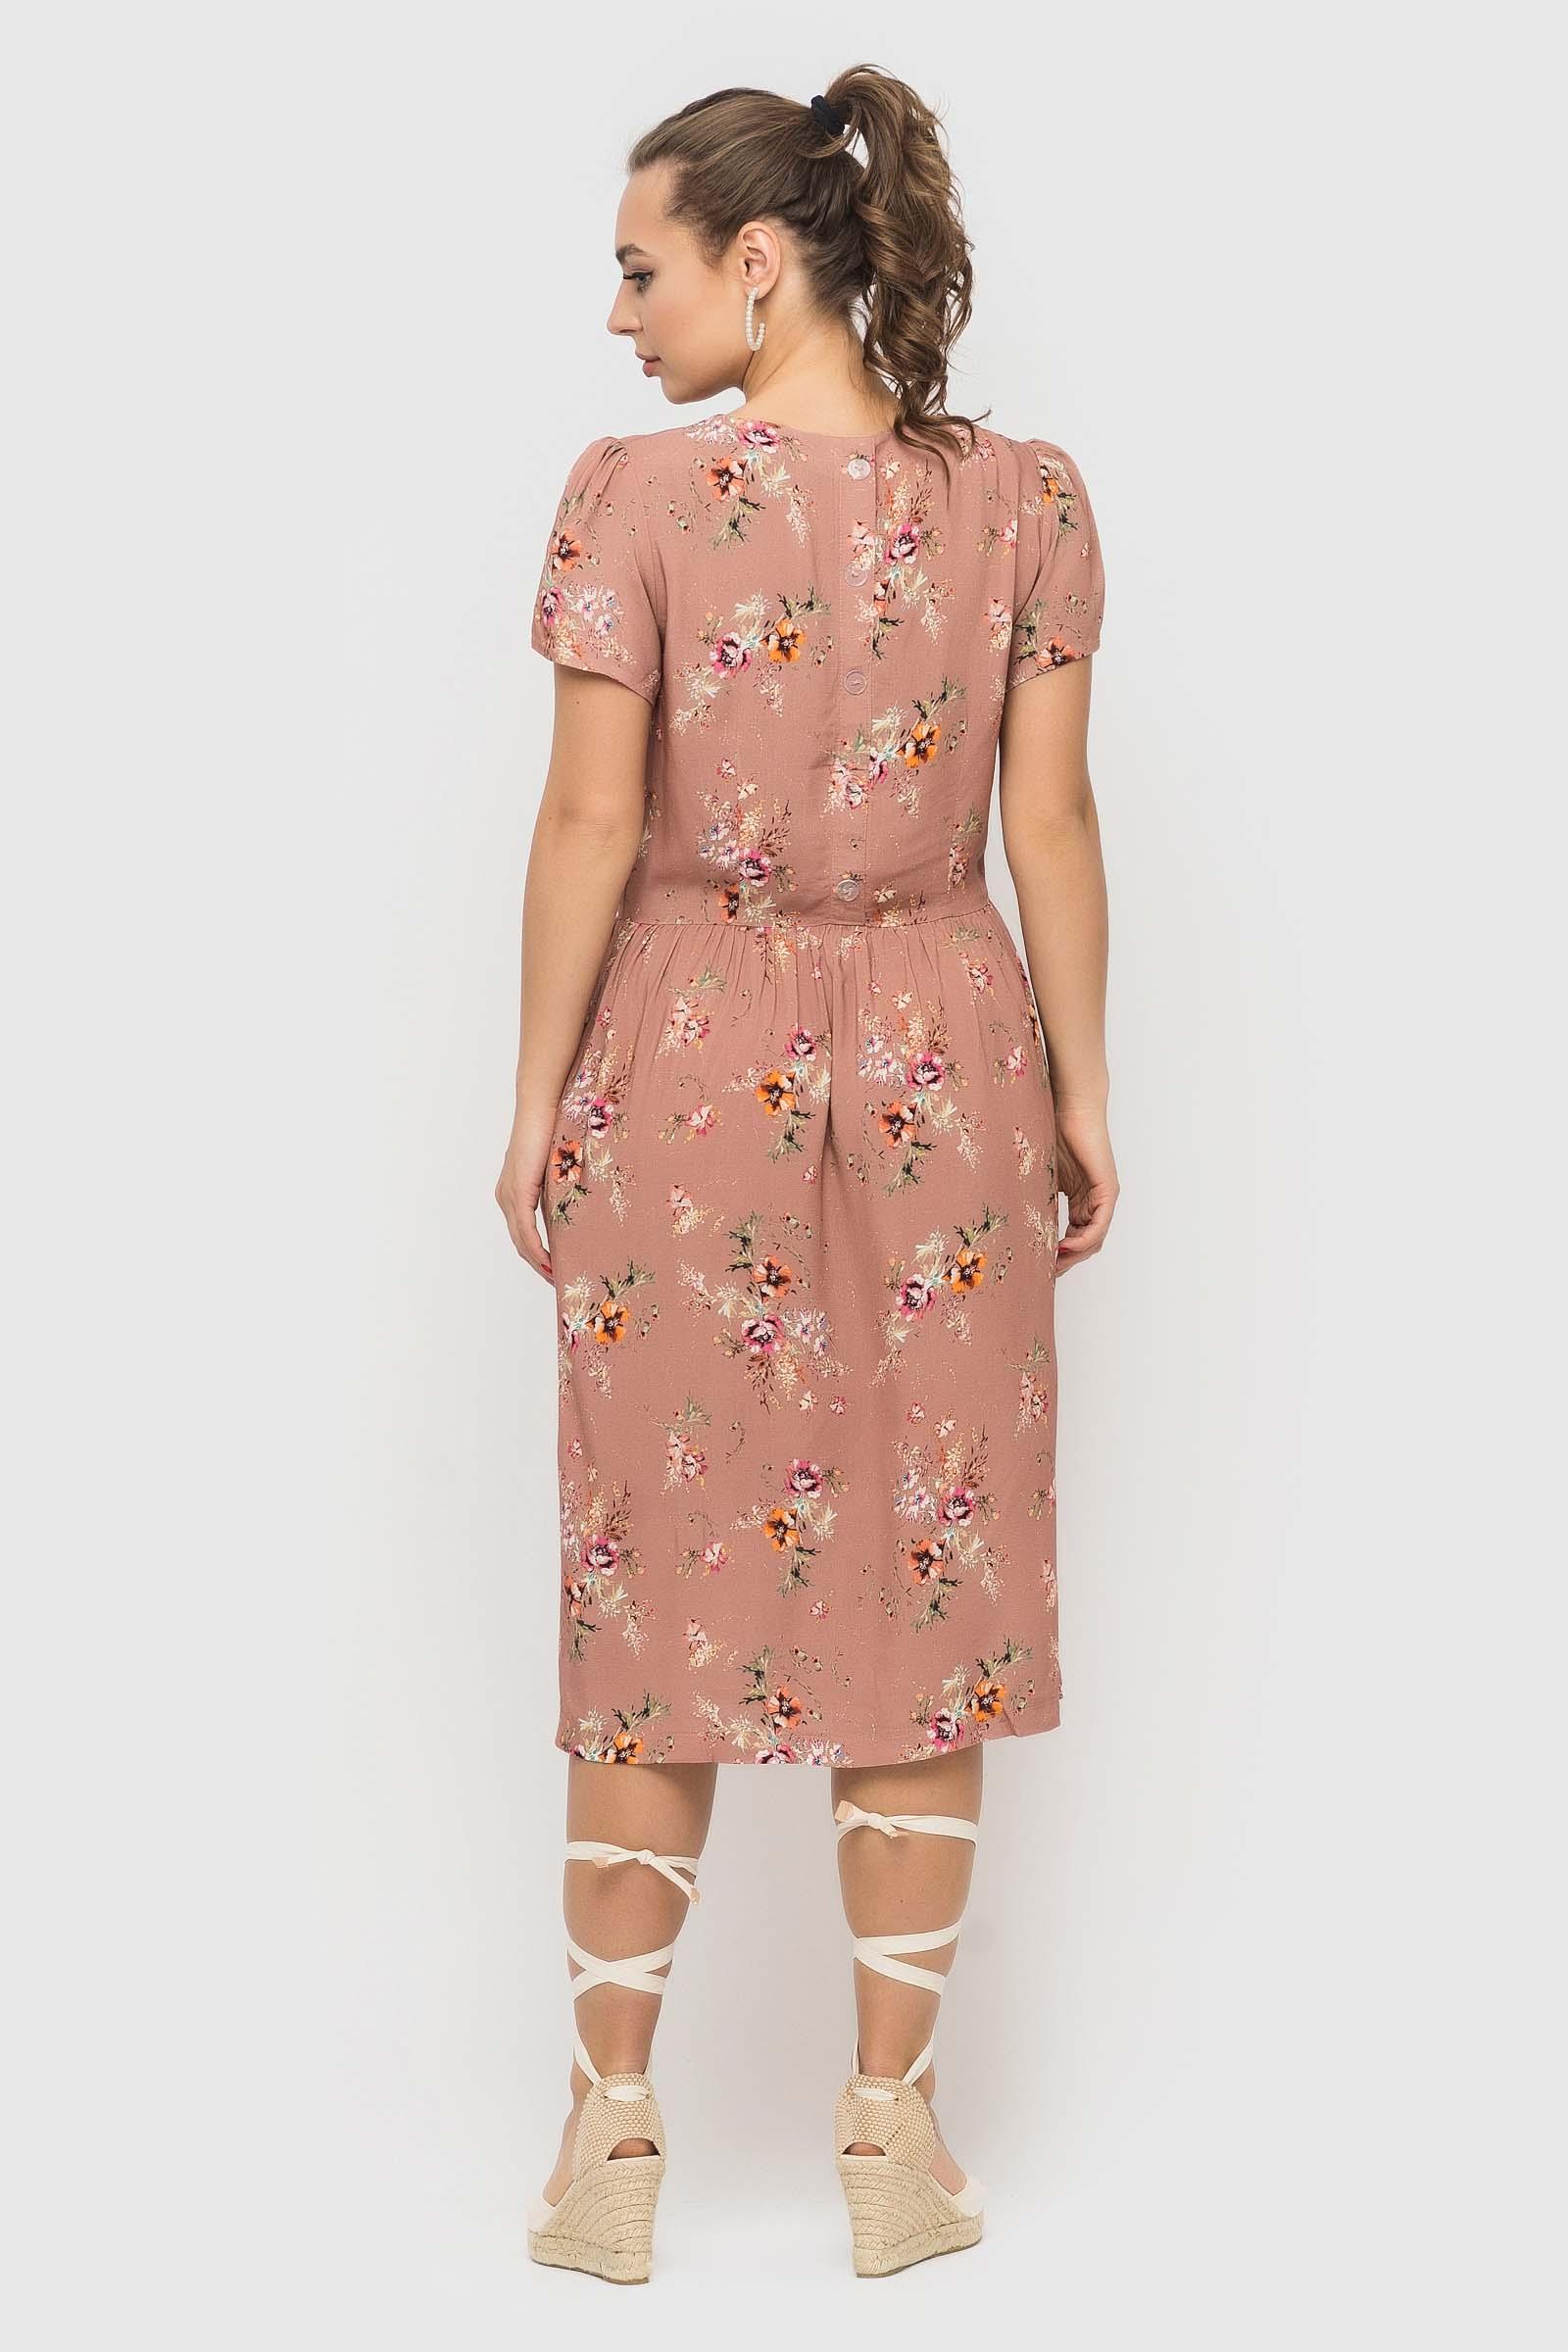 Пудровое платье в цветочек из натуральной ткани